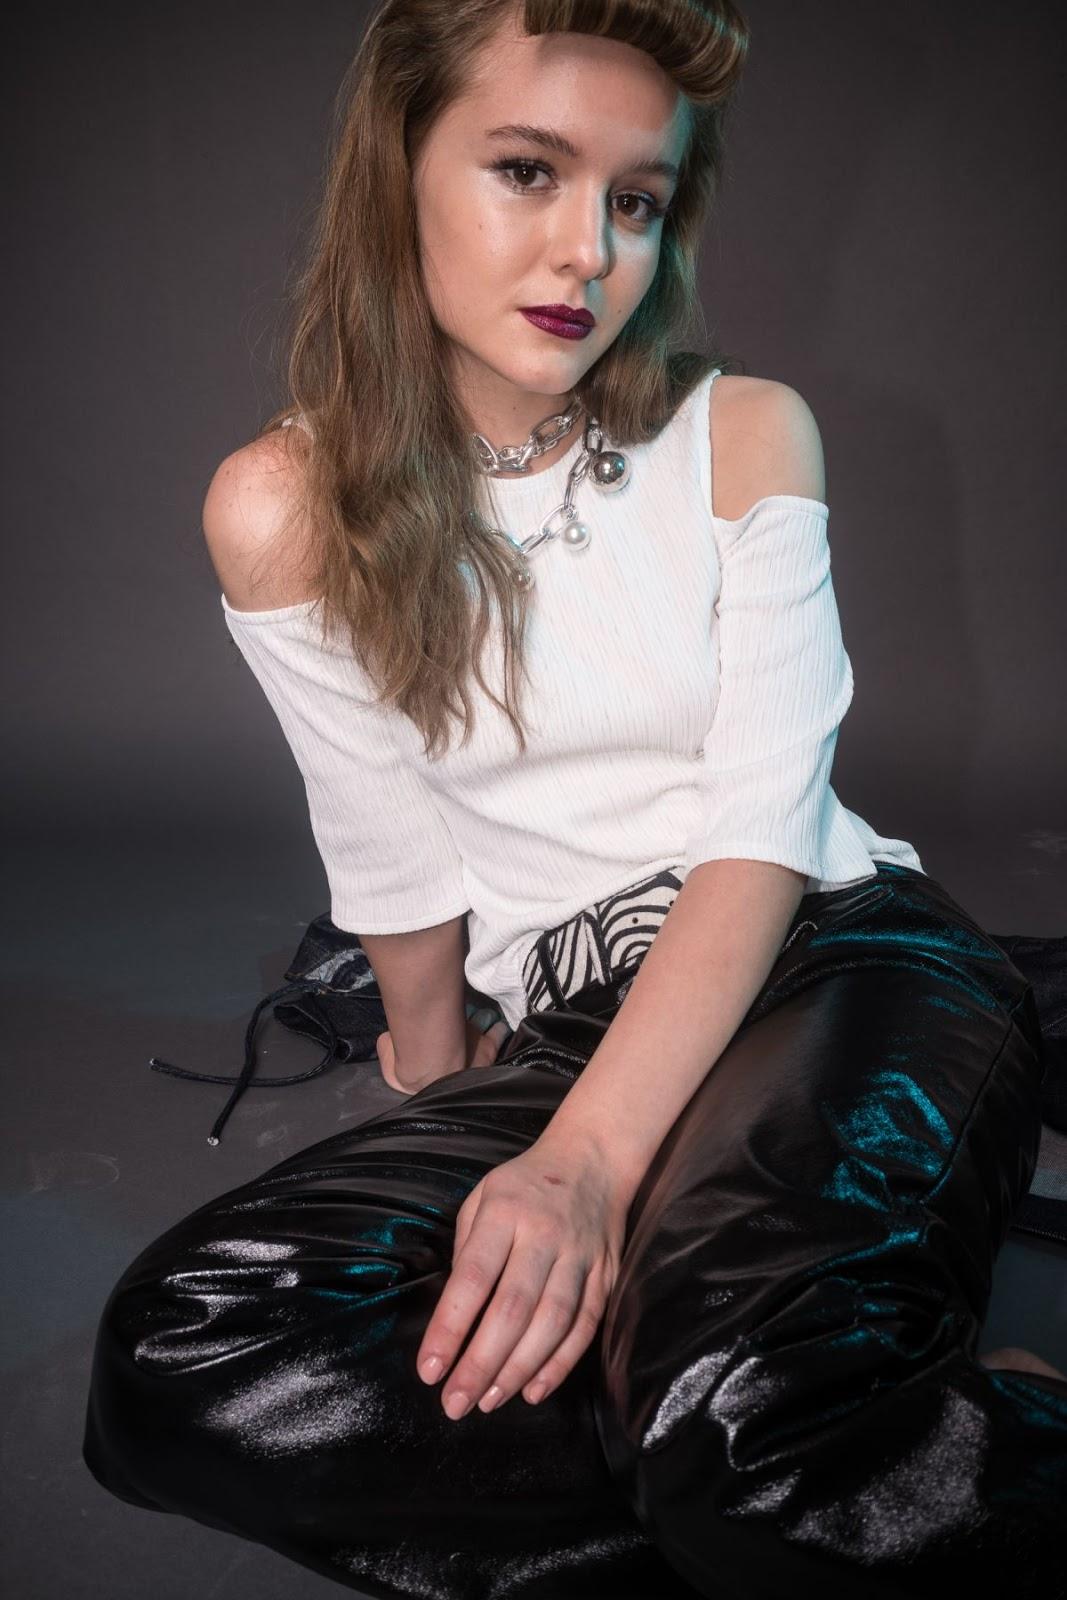 Fashion Shoot of Izabela Vidovic for Flaunt Magazine, November 2017